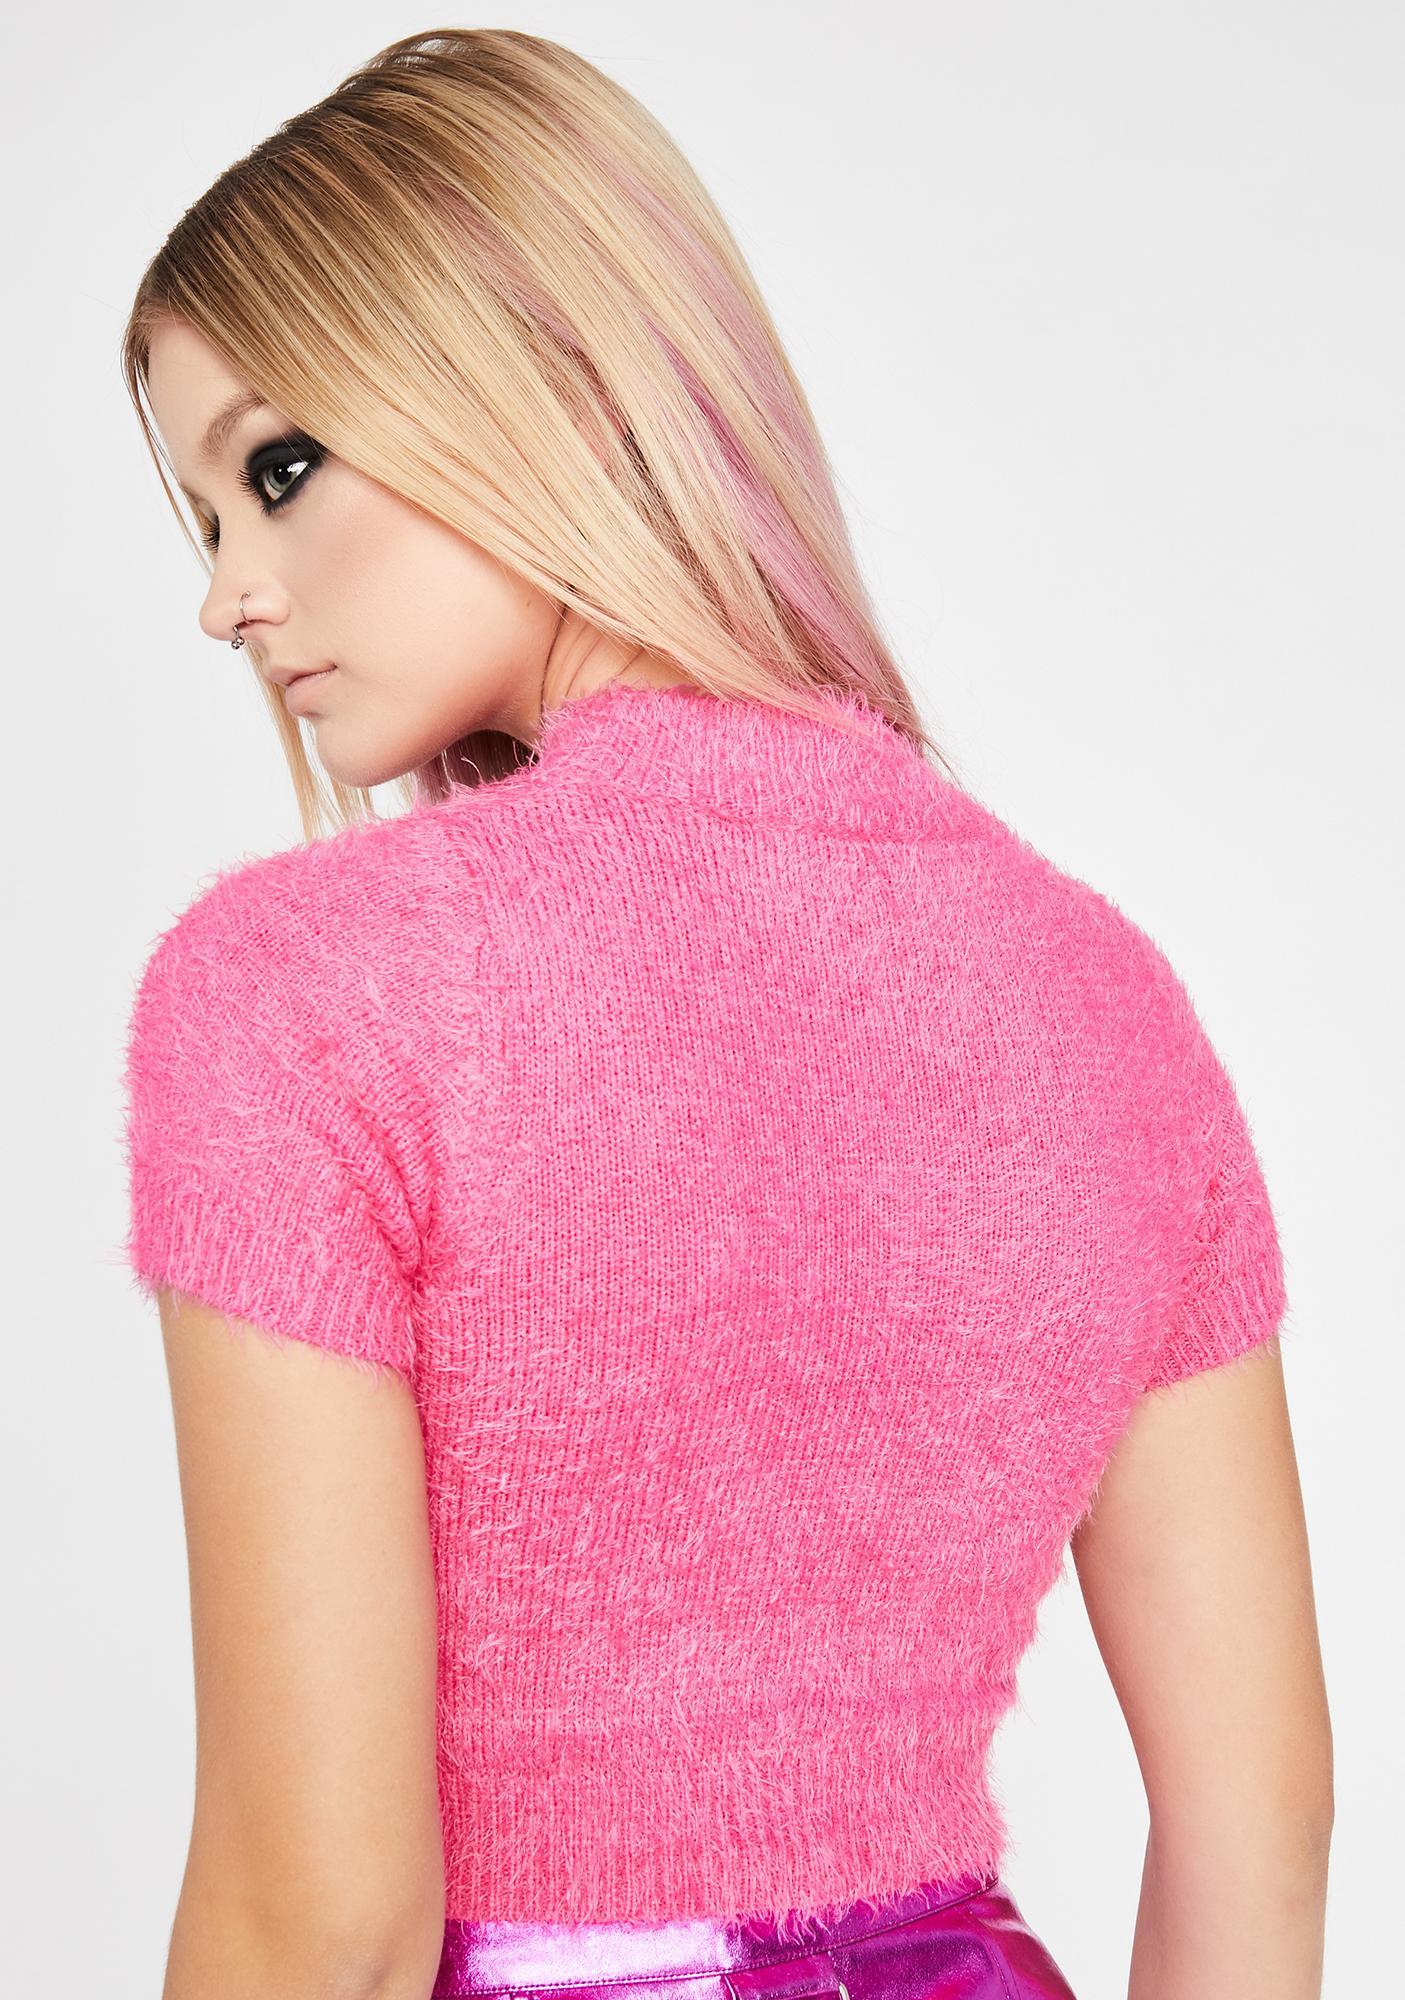 HOROSCOPEZ K Bye Fuzzy Sweater